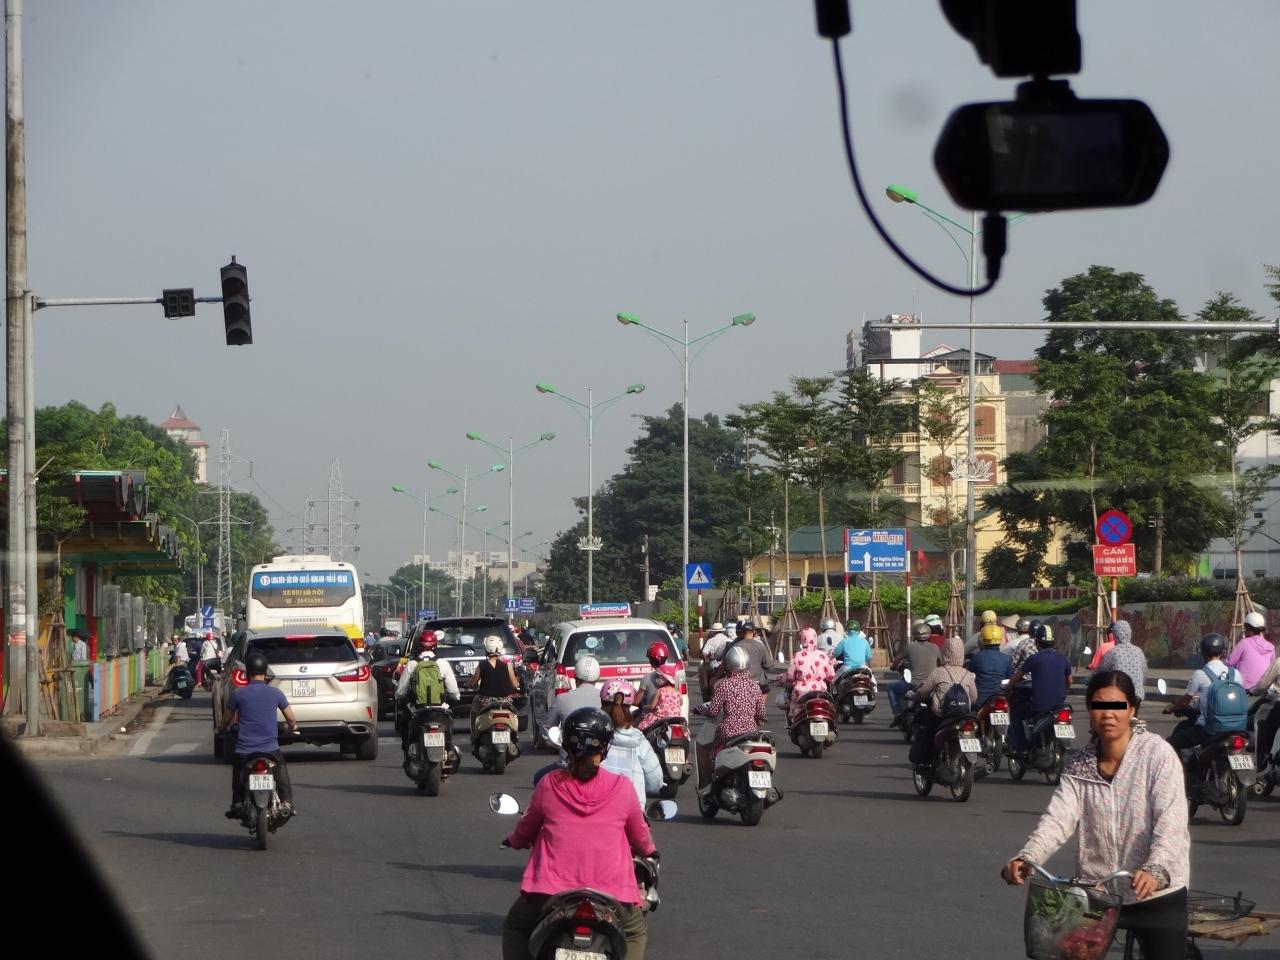 初の海外一人旅はベトナム、ハノイ。\u003cbr /\u003eとてもエキサイティング